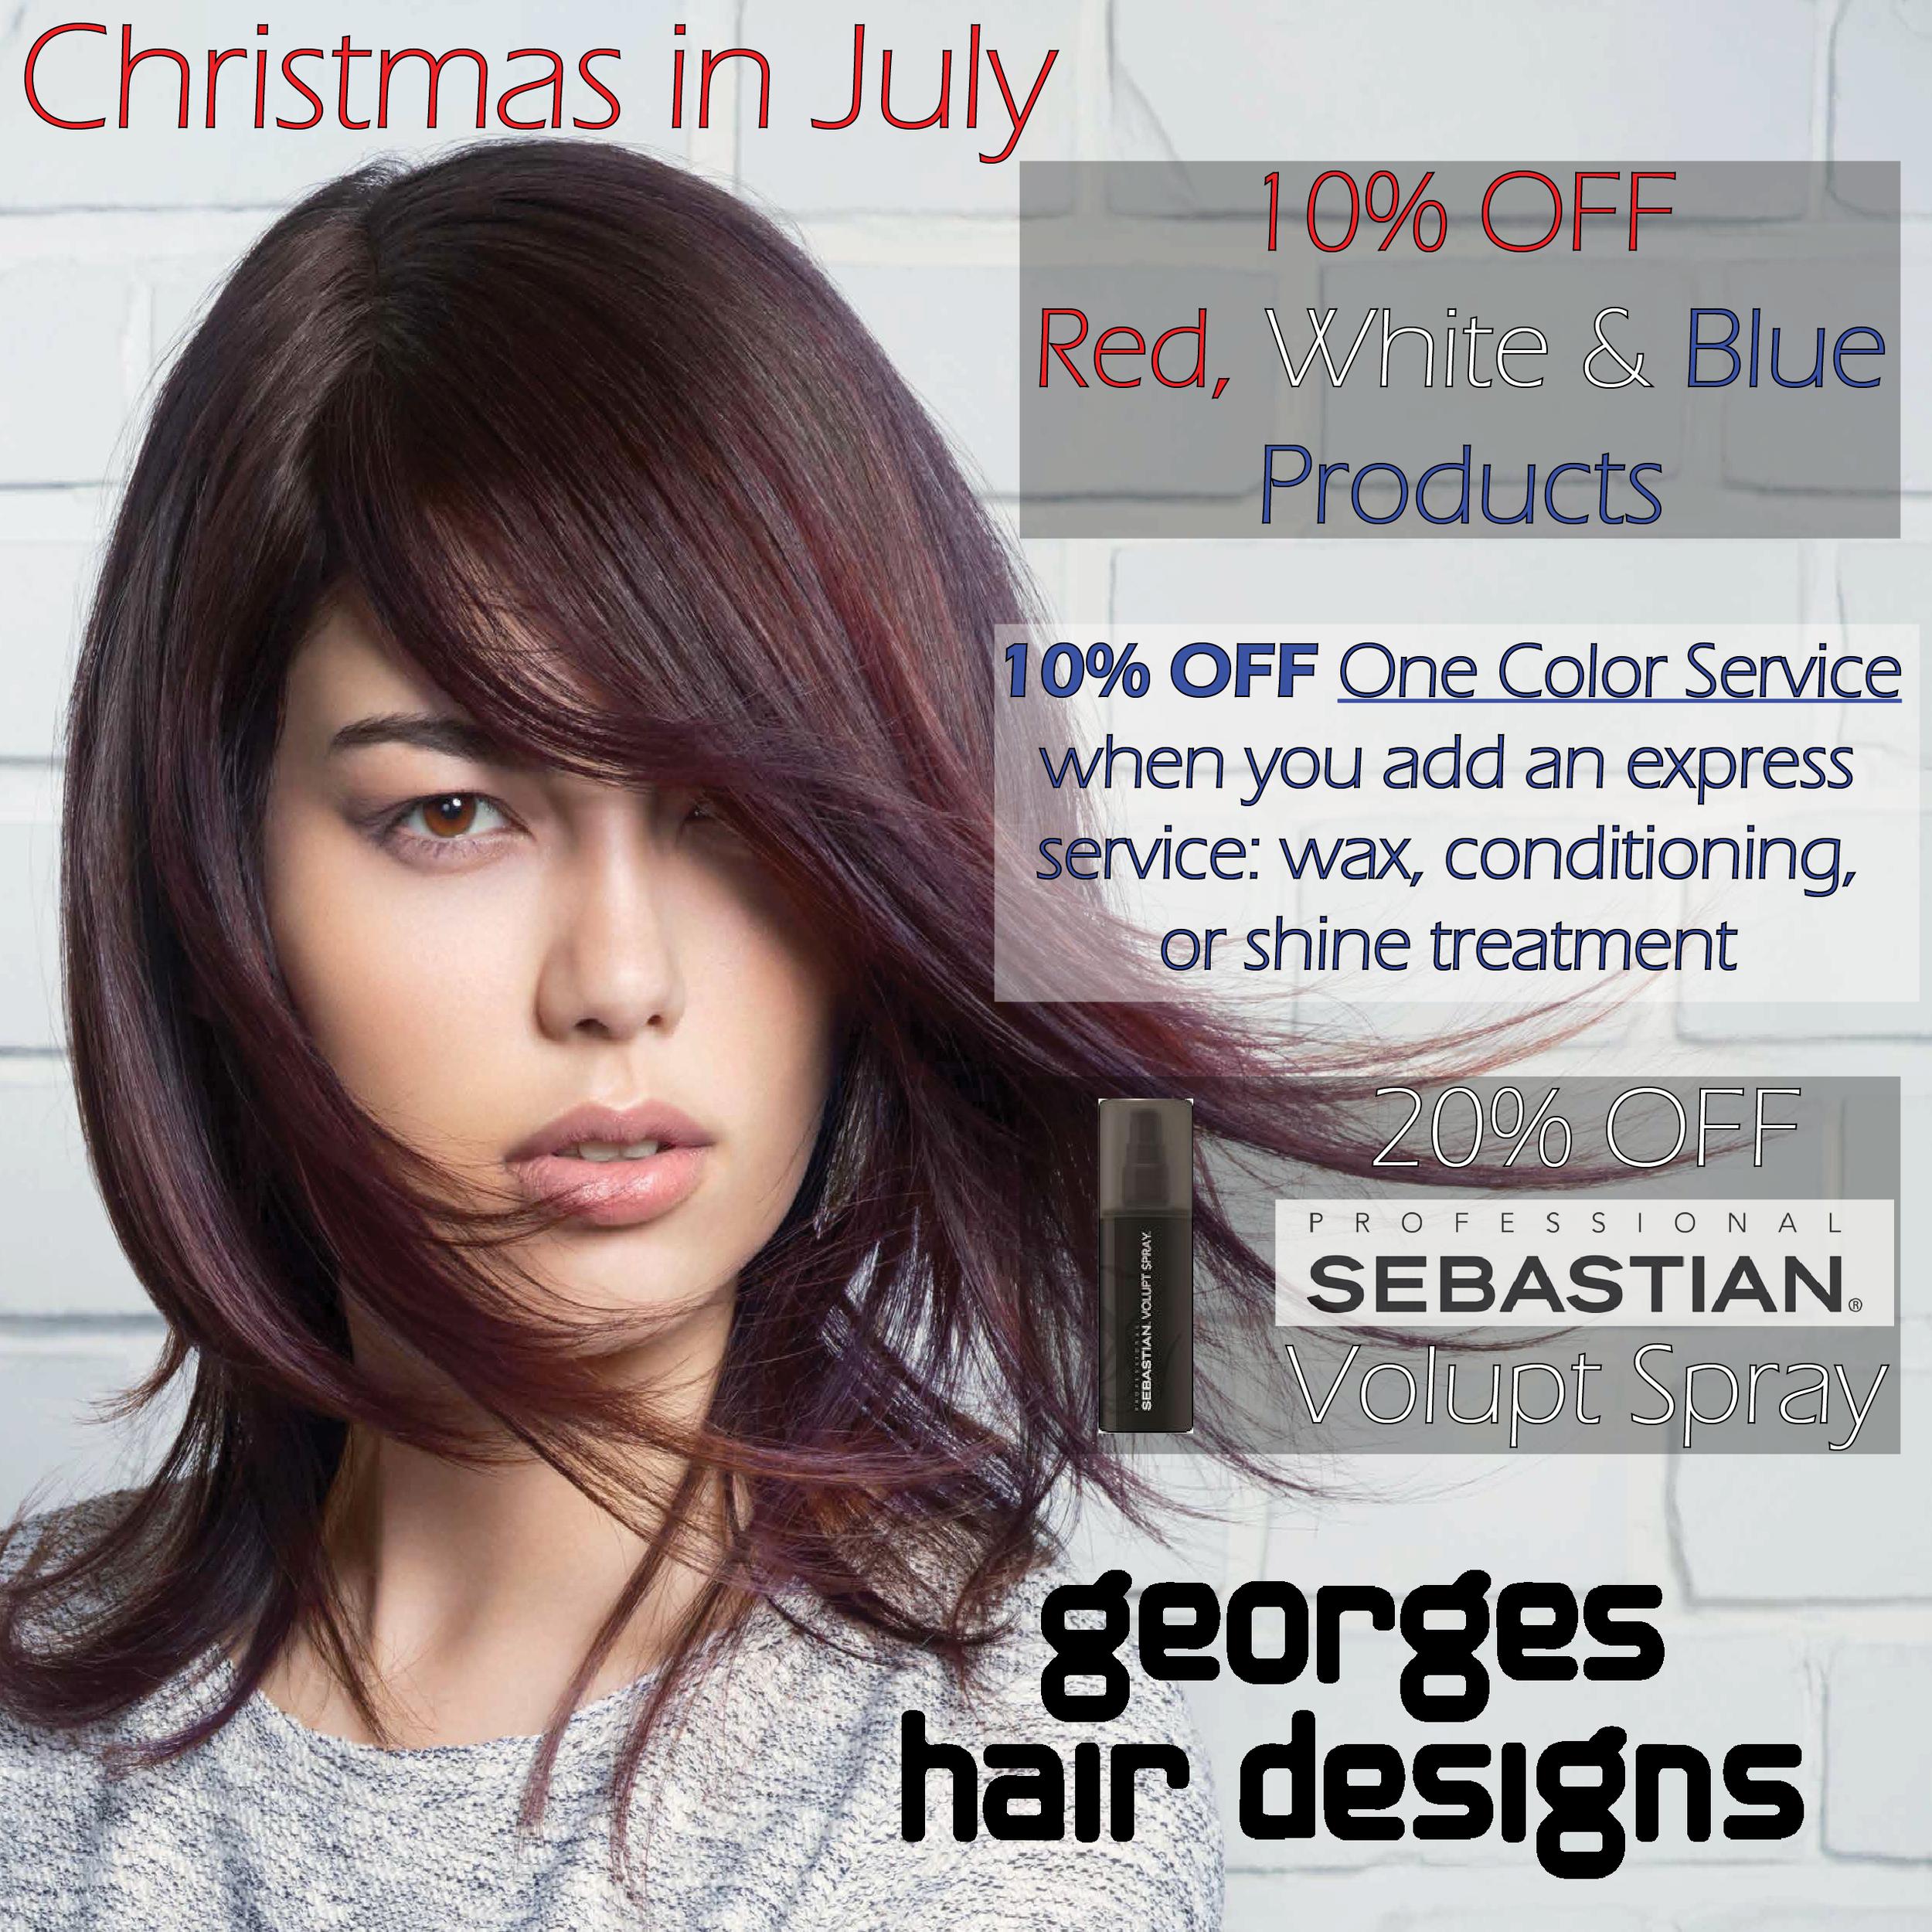 hair_salon_promotion_deals